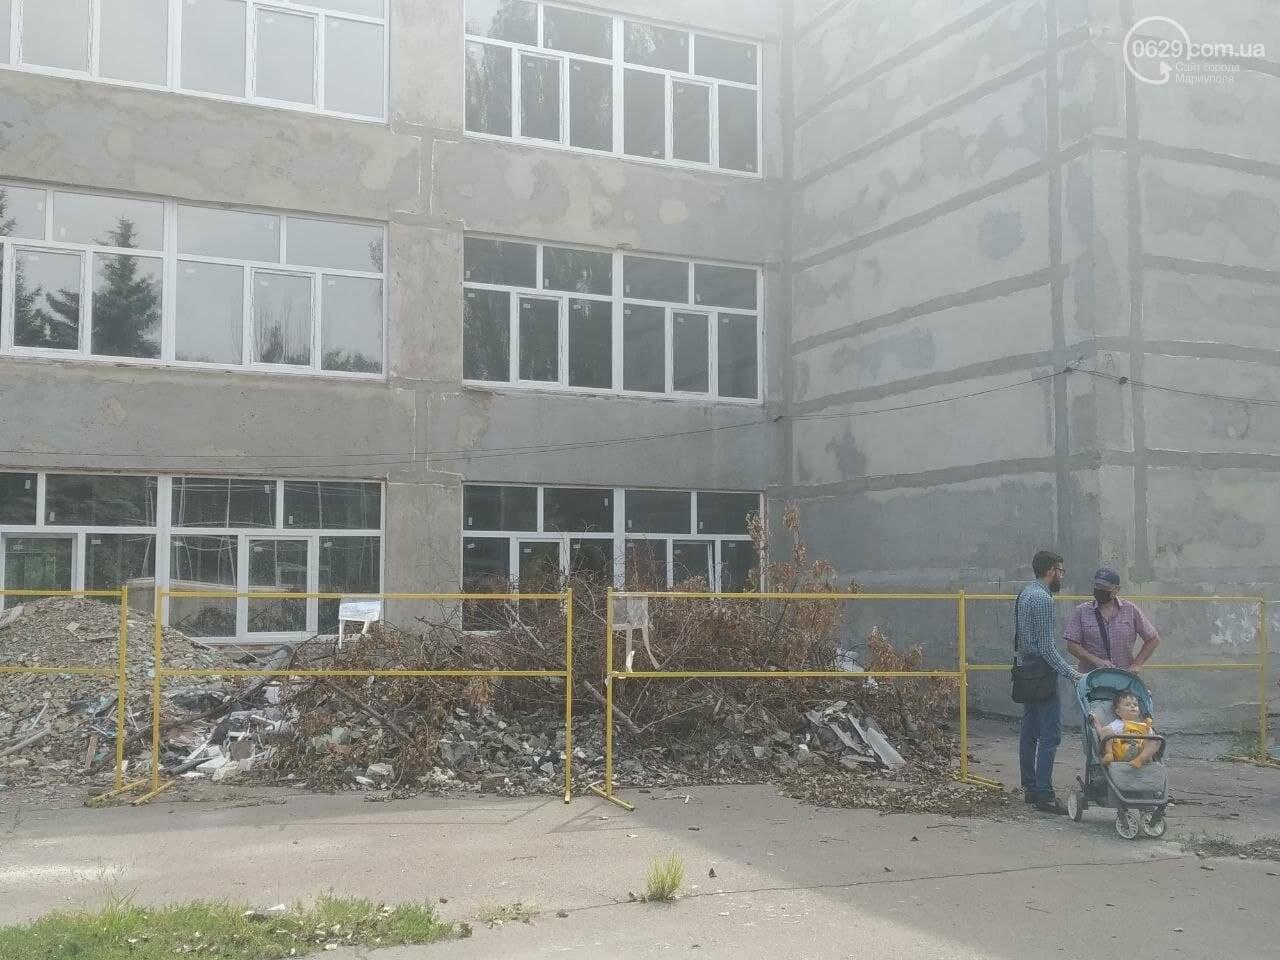 Просроченный подарок. Что случилось в 27 школе в Мариуполе, - ФОТО, ВИДЕО, фото-15